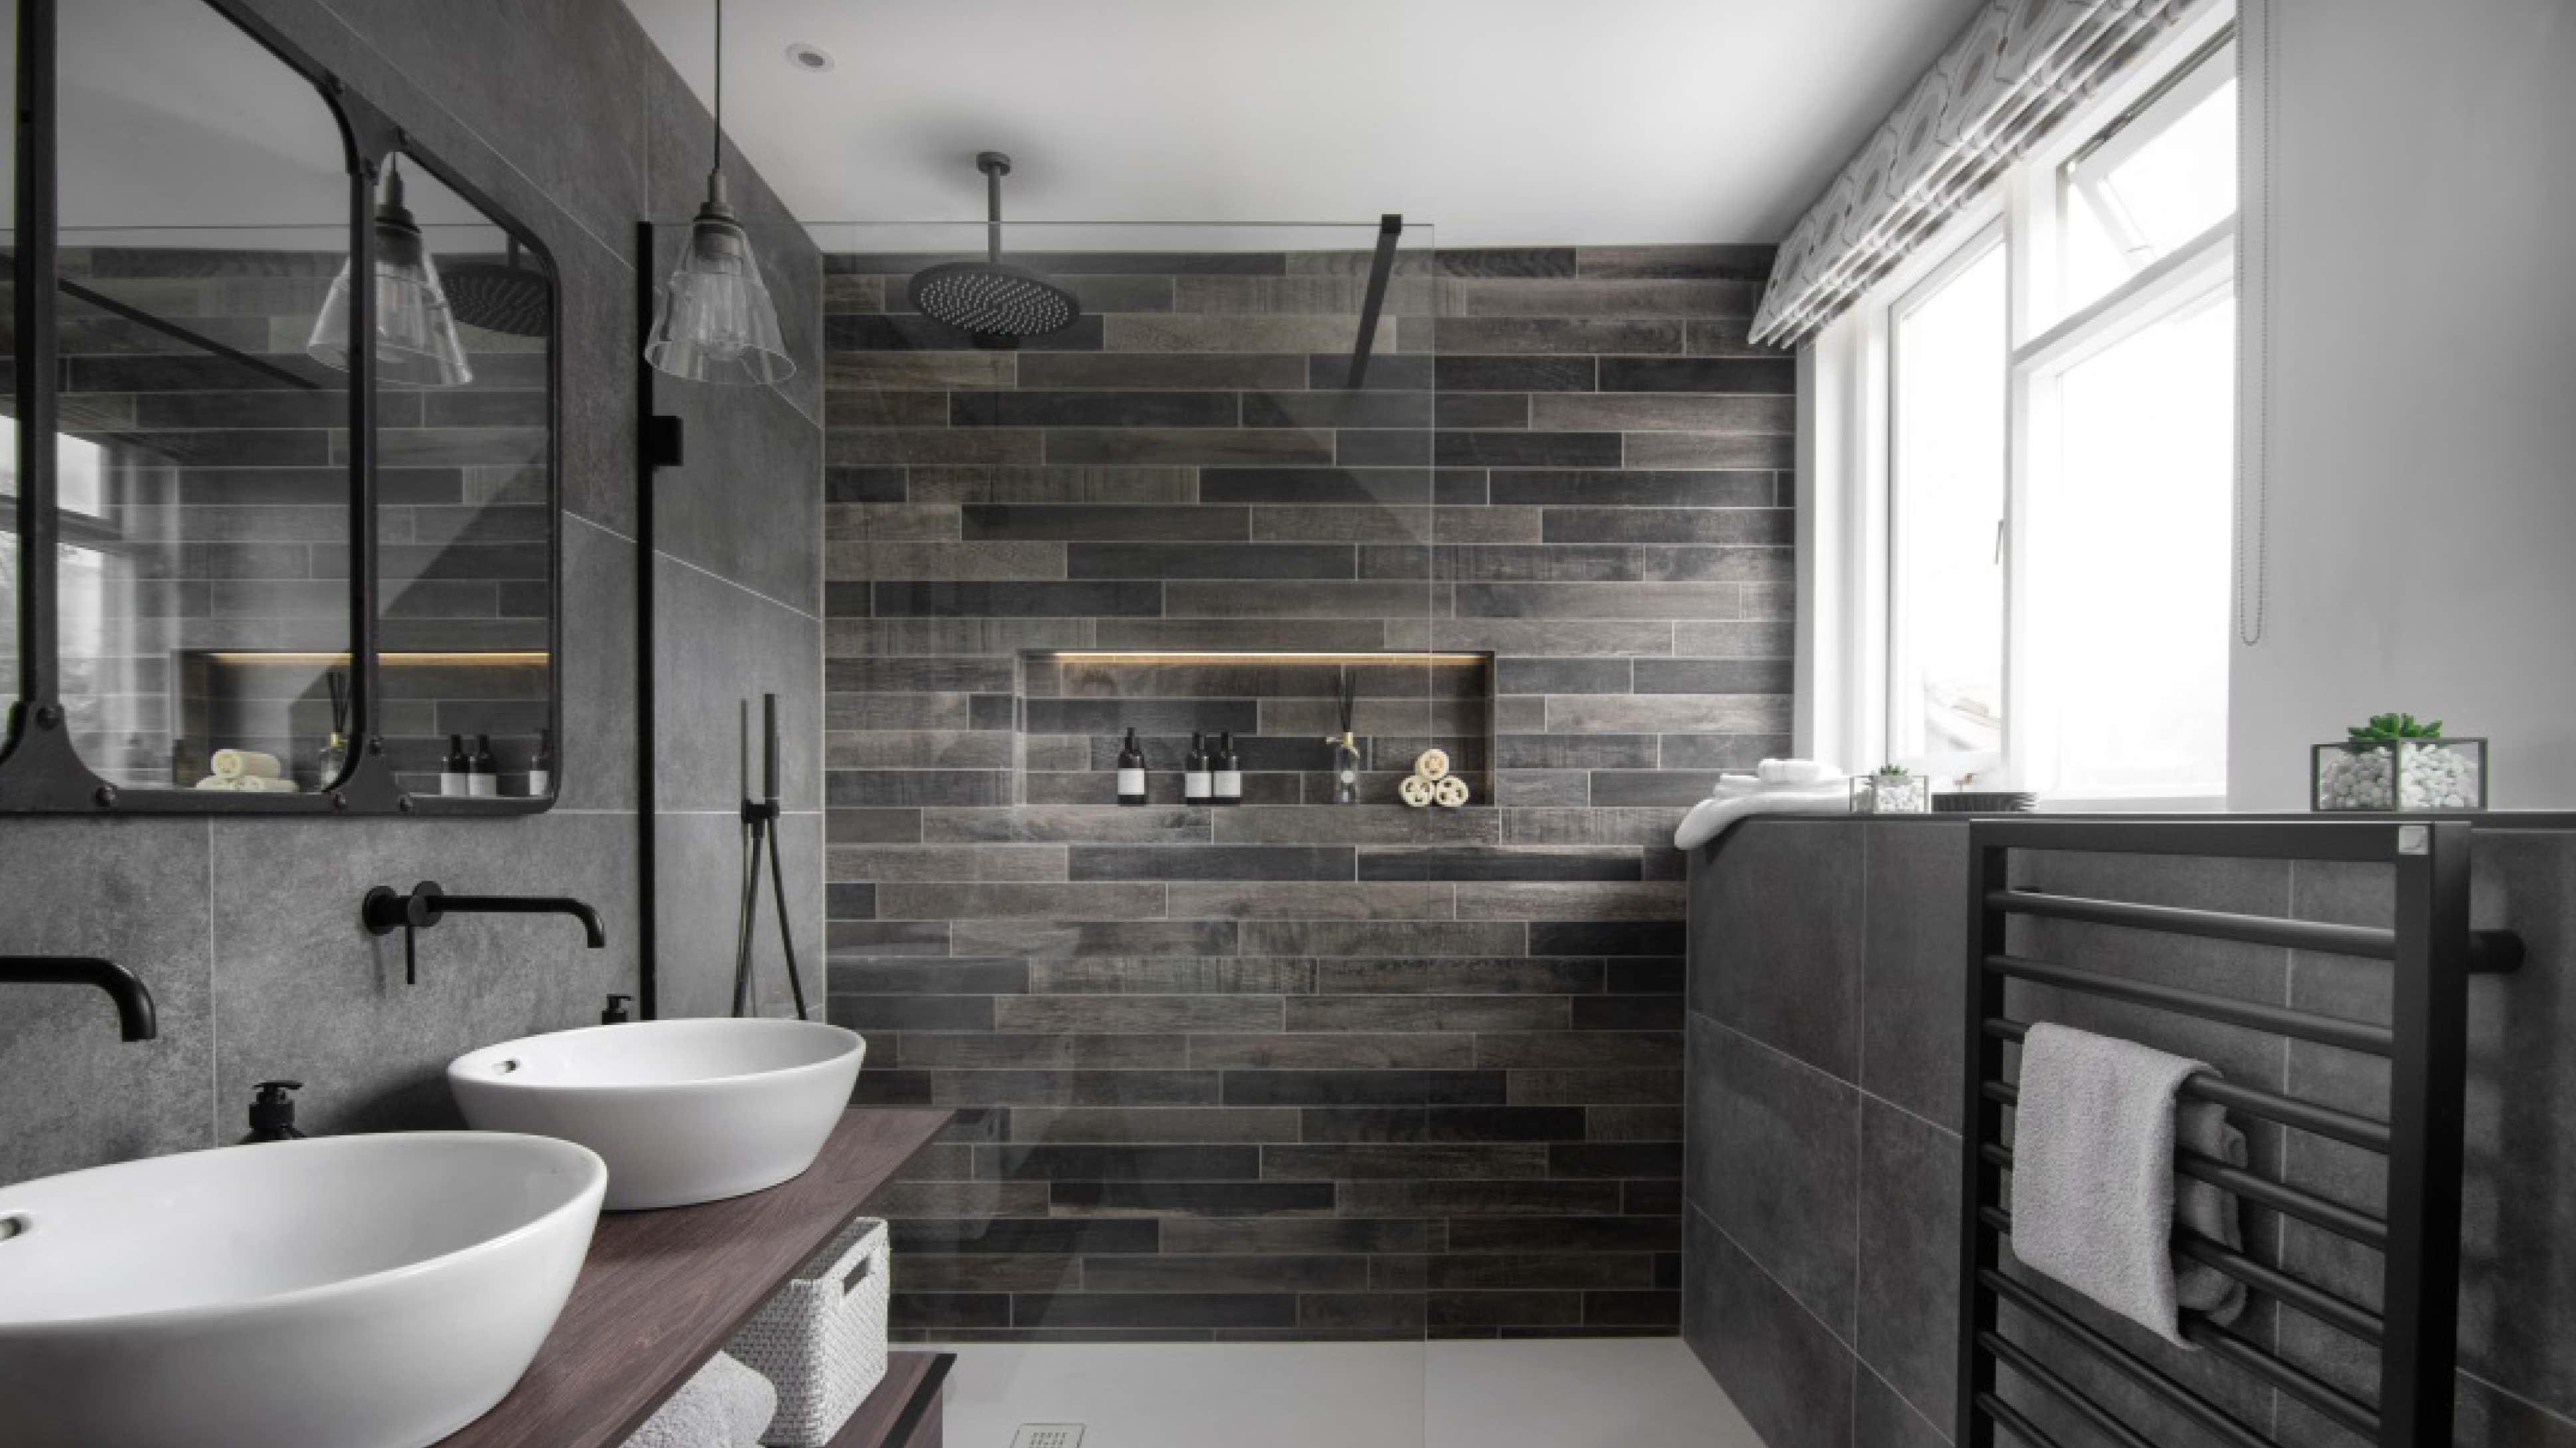 Ripples Luxury Bathroom Designers Suppliers With Uk Showrooms In 2020 Slate Bathroom Tile Bathroom Tile Designs Tile Bathroom